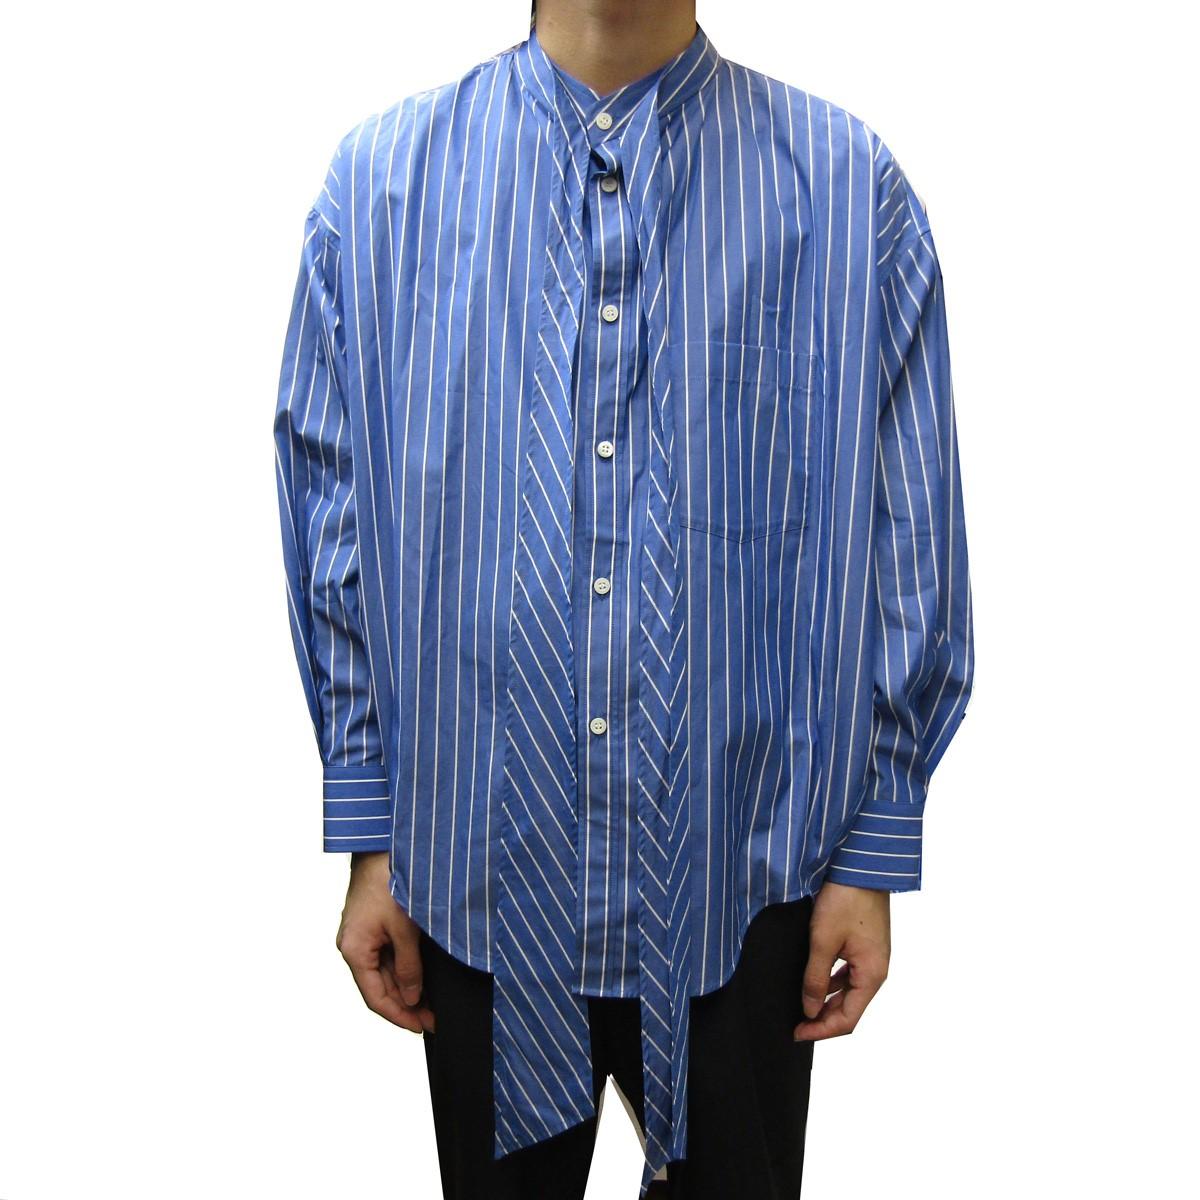 【中古】BALENCIAGA 2018AW バックロゴスウィングカラービッグシルエットロングシャツ ブルー サイズ:32 【160420】(バレンシアガ)